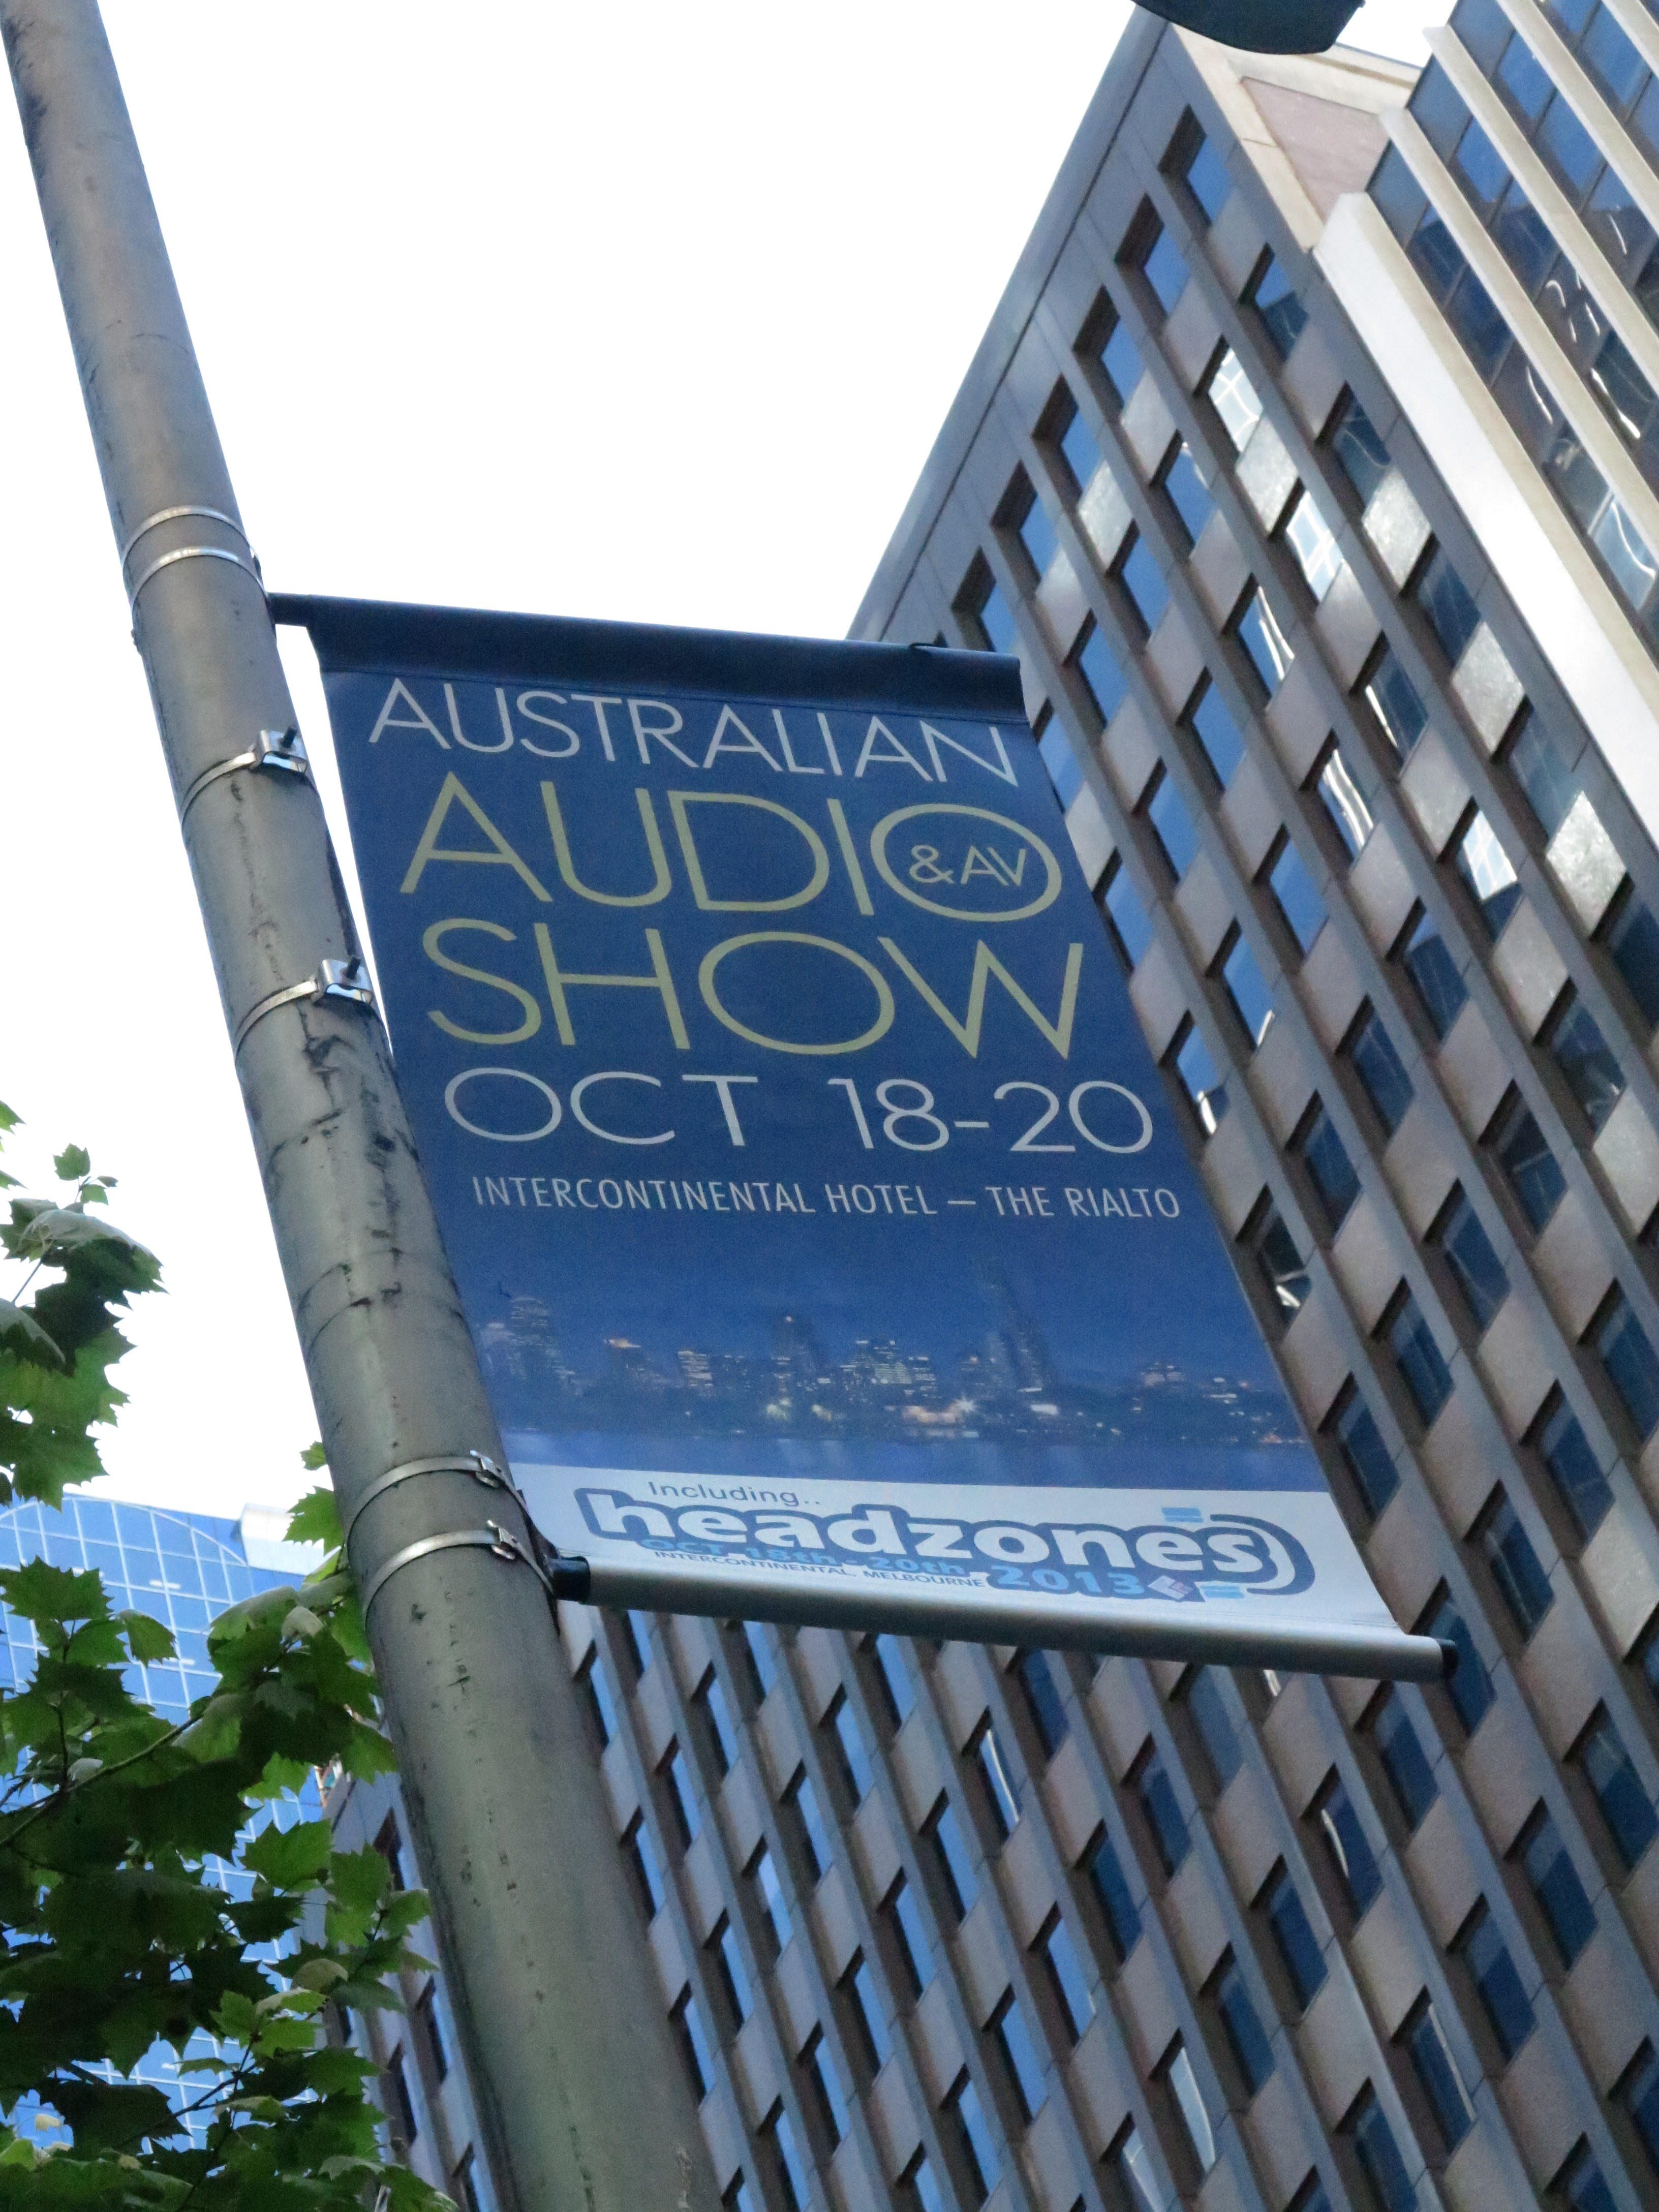 Australian Audio & AV Show 2013